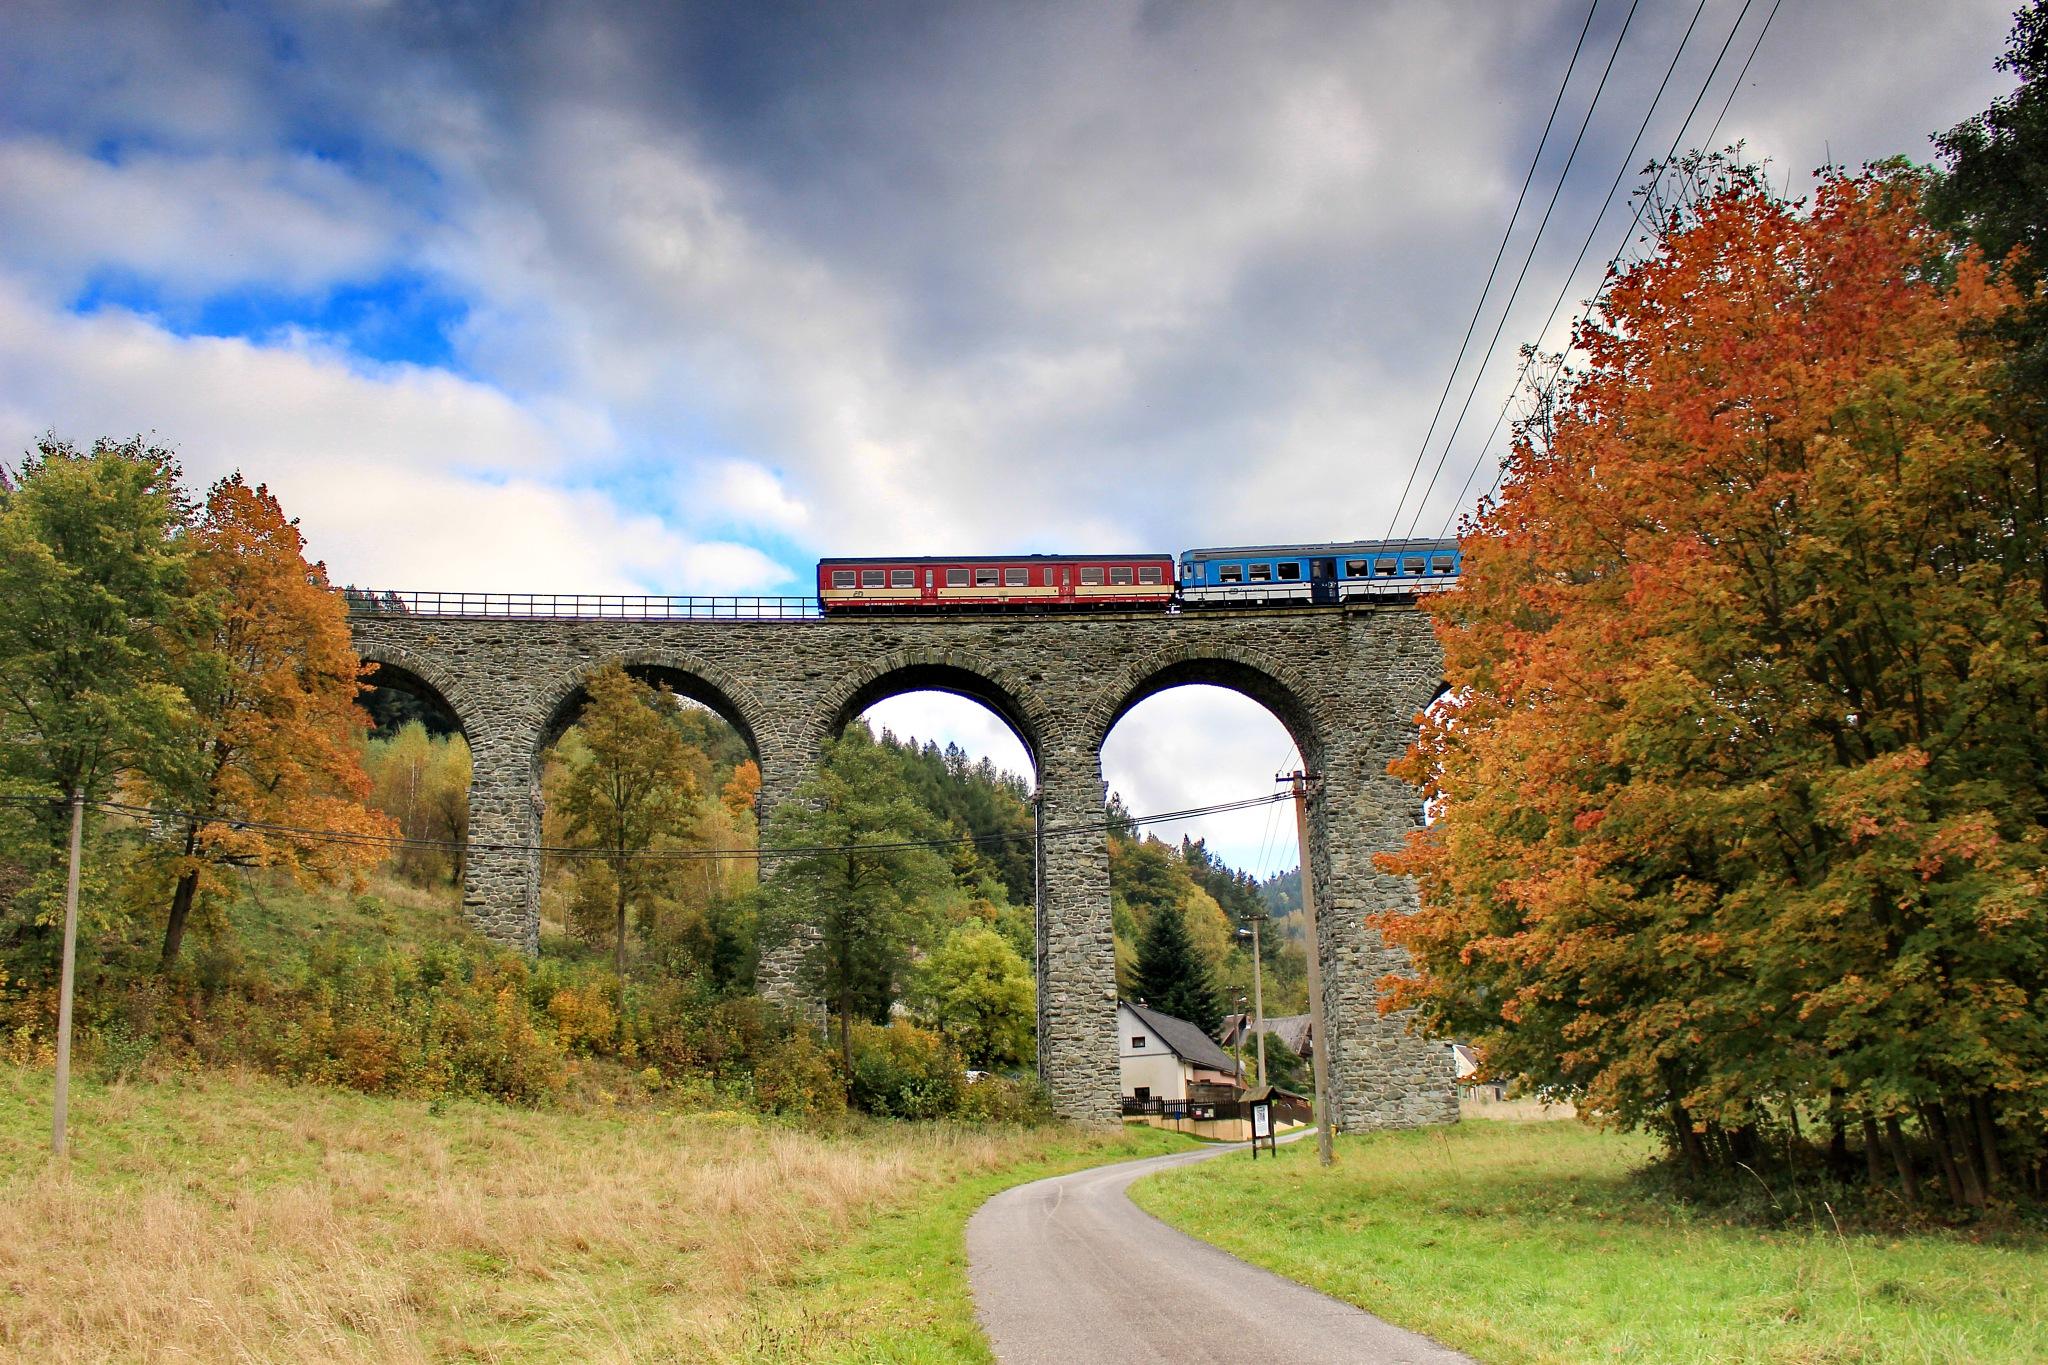 Viaduct of Novina by Petr Poláček